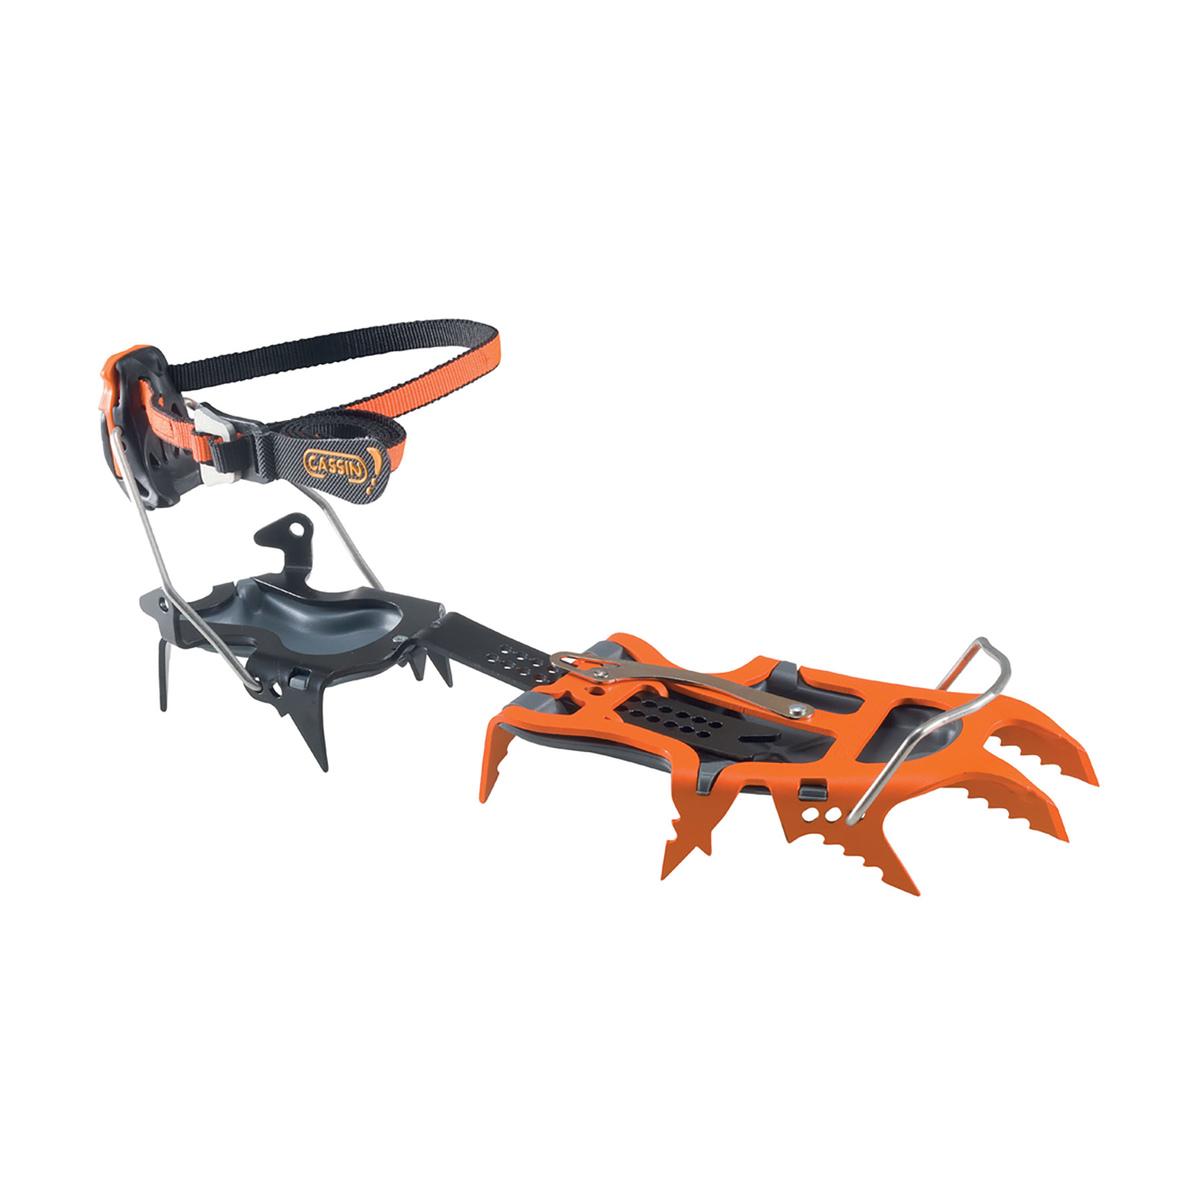 Alpinist pro auto / semi-auto